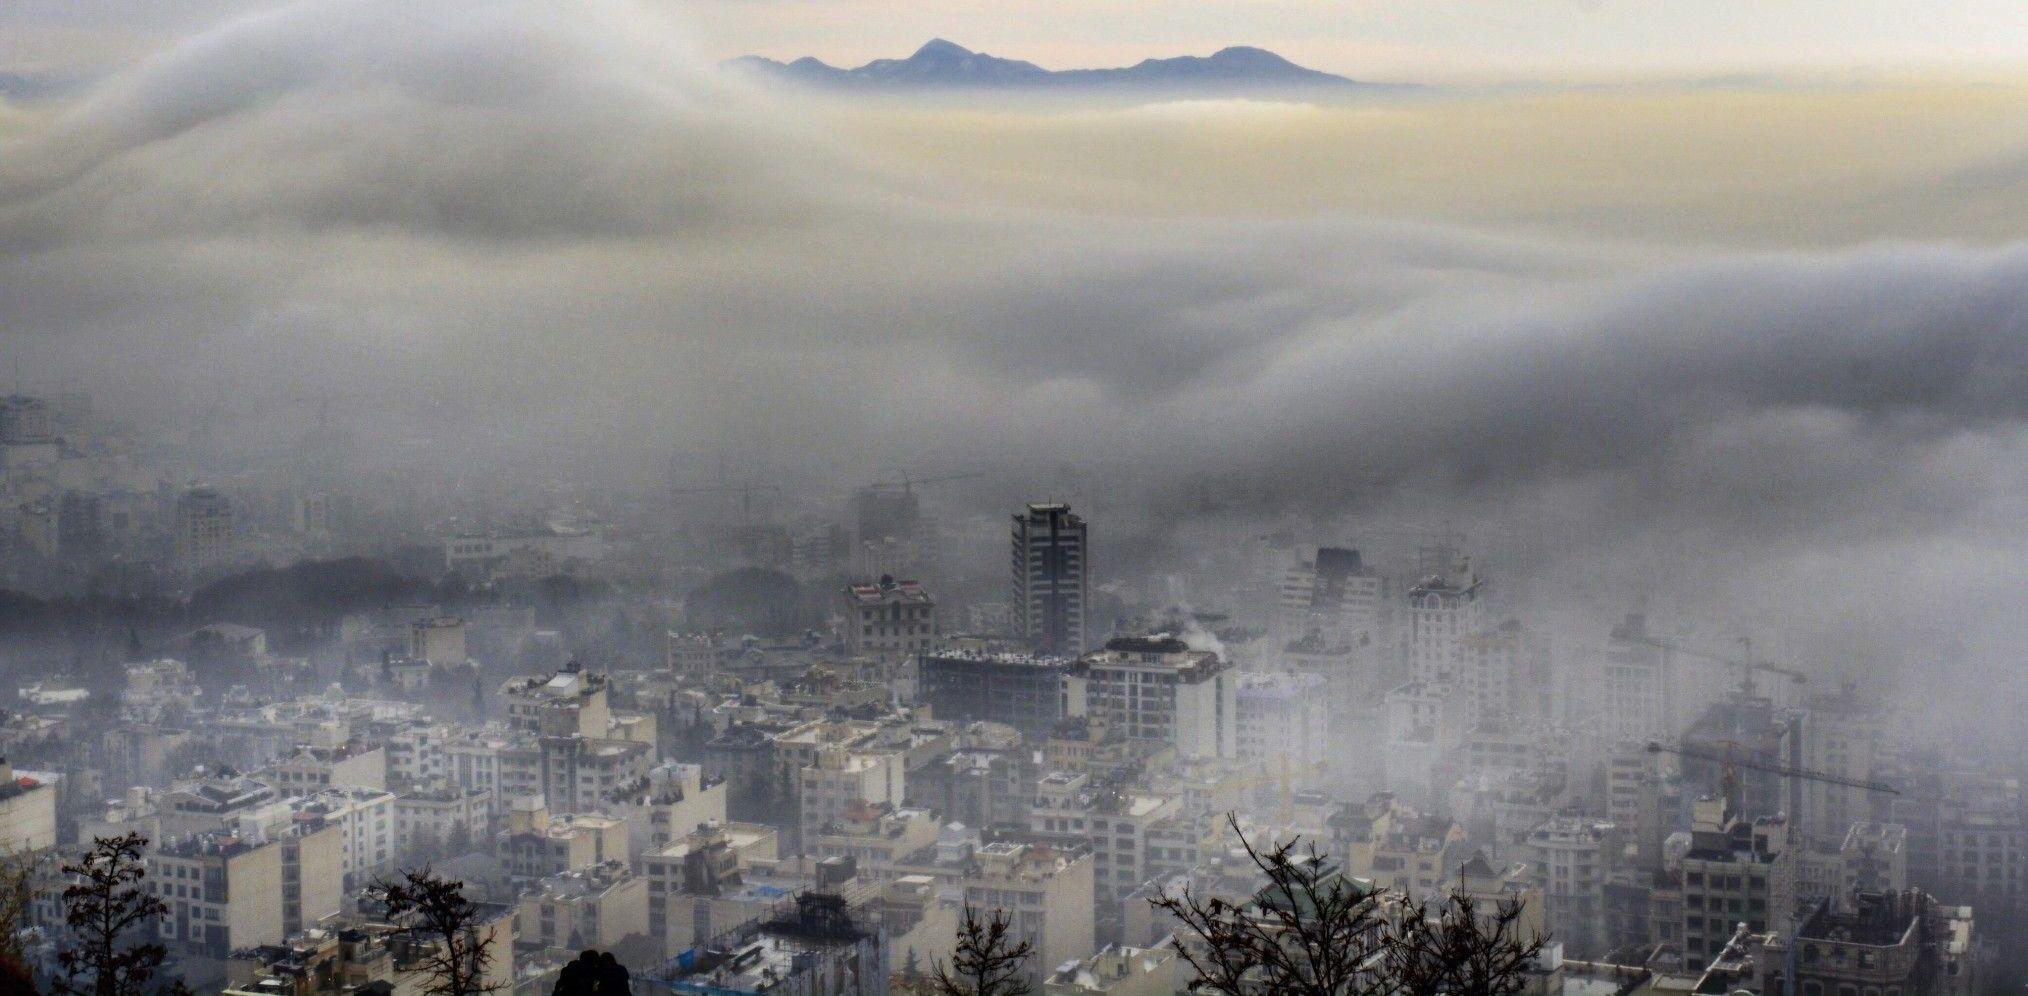 Guterres: Das Pariser Klimaabkommen könnte sich in Luft auflösen